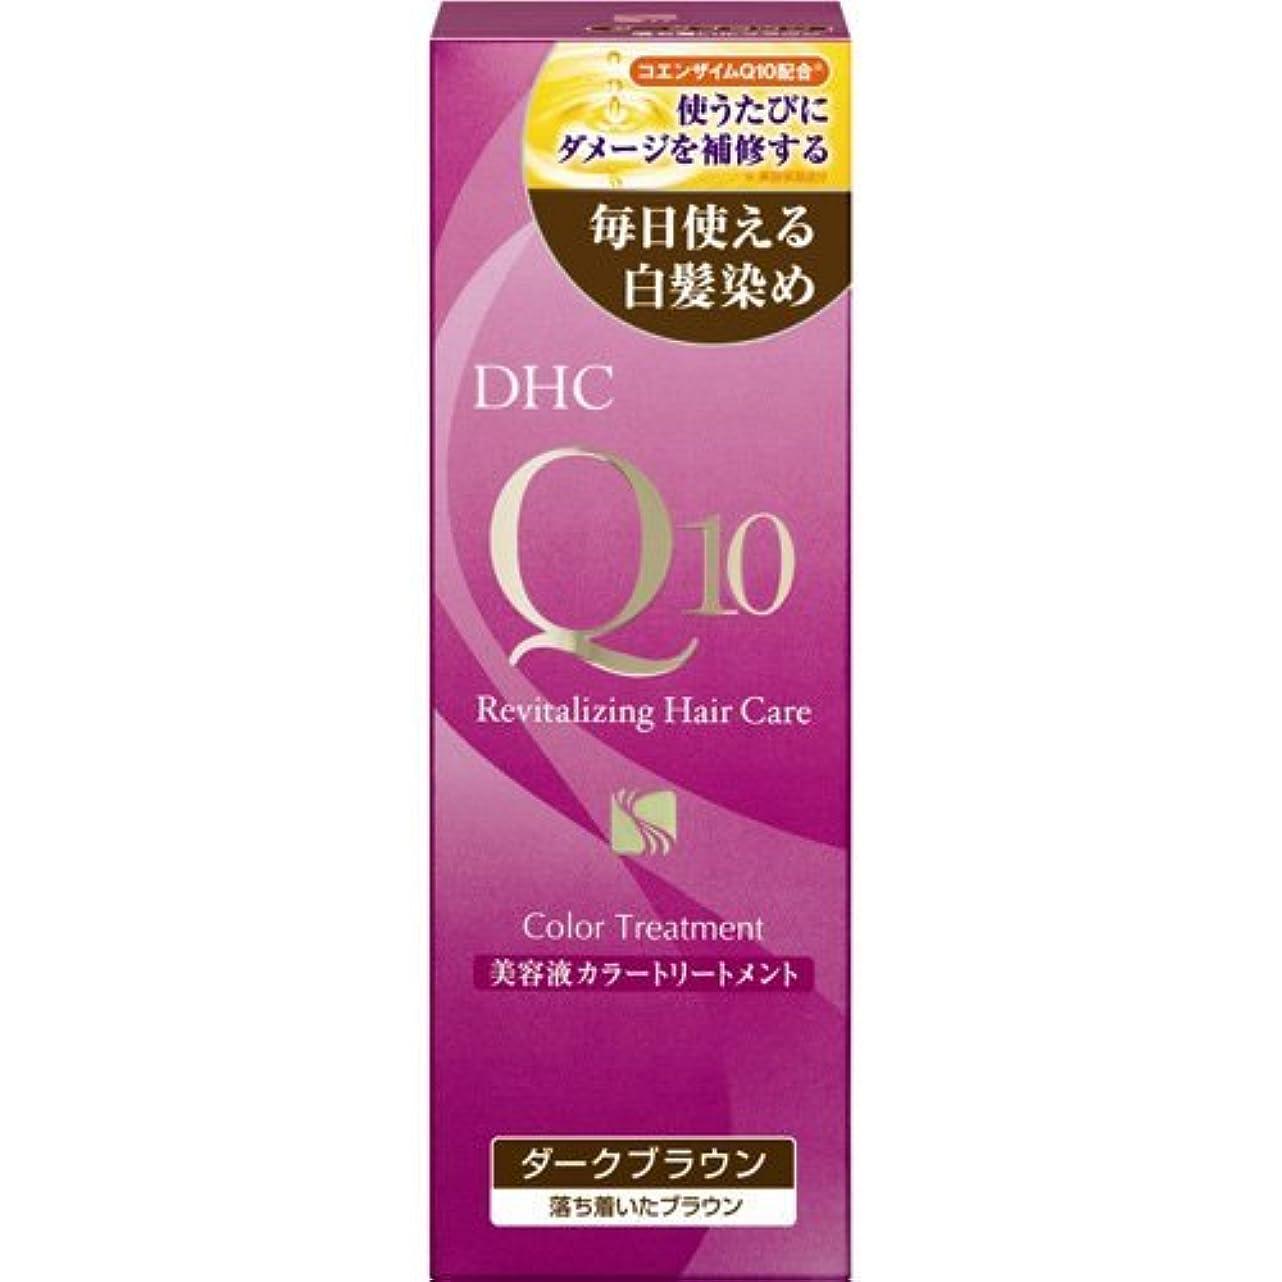 現像助けになる望む【まとめ買い】DHC Q10美溶液カラートリートメントDブラウンSS170g ×4個